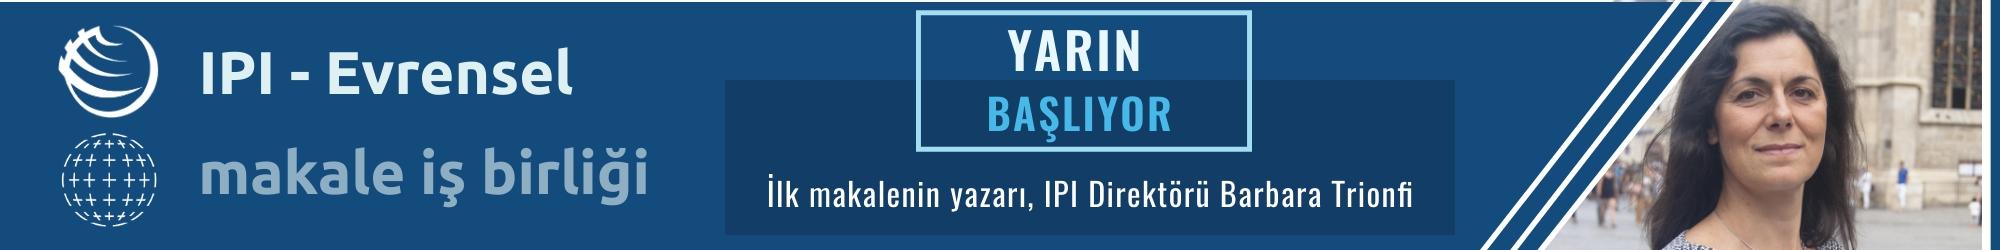 IPI - Evrensel makale iş birliği